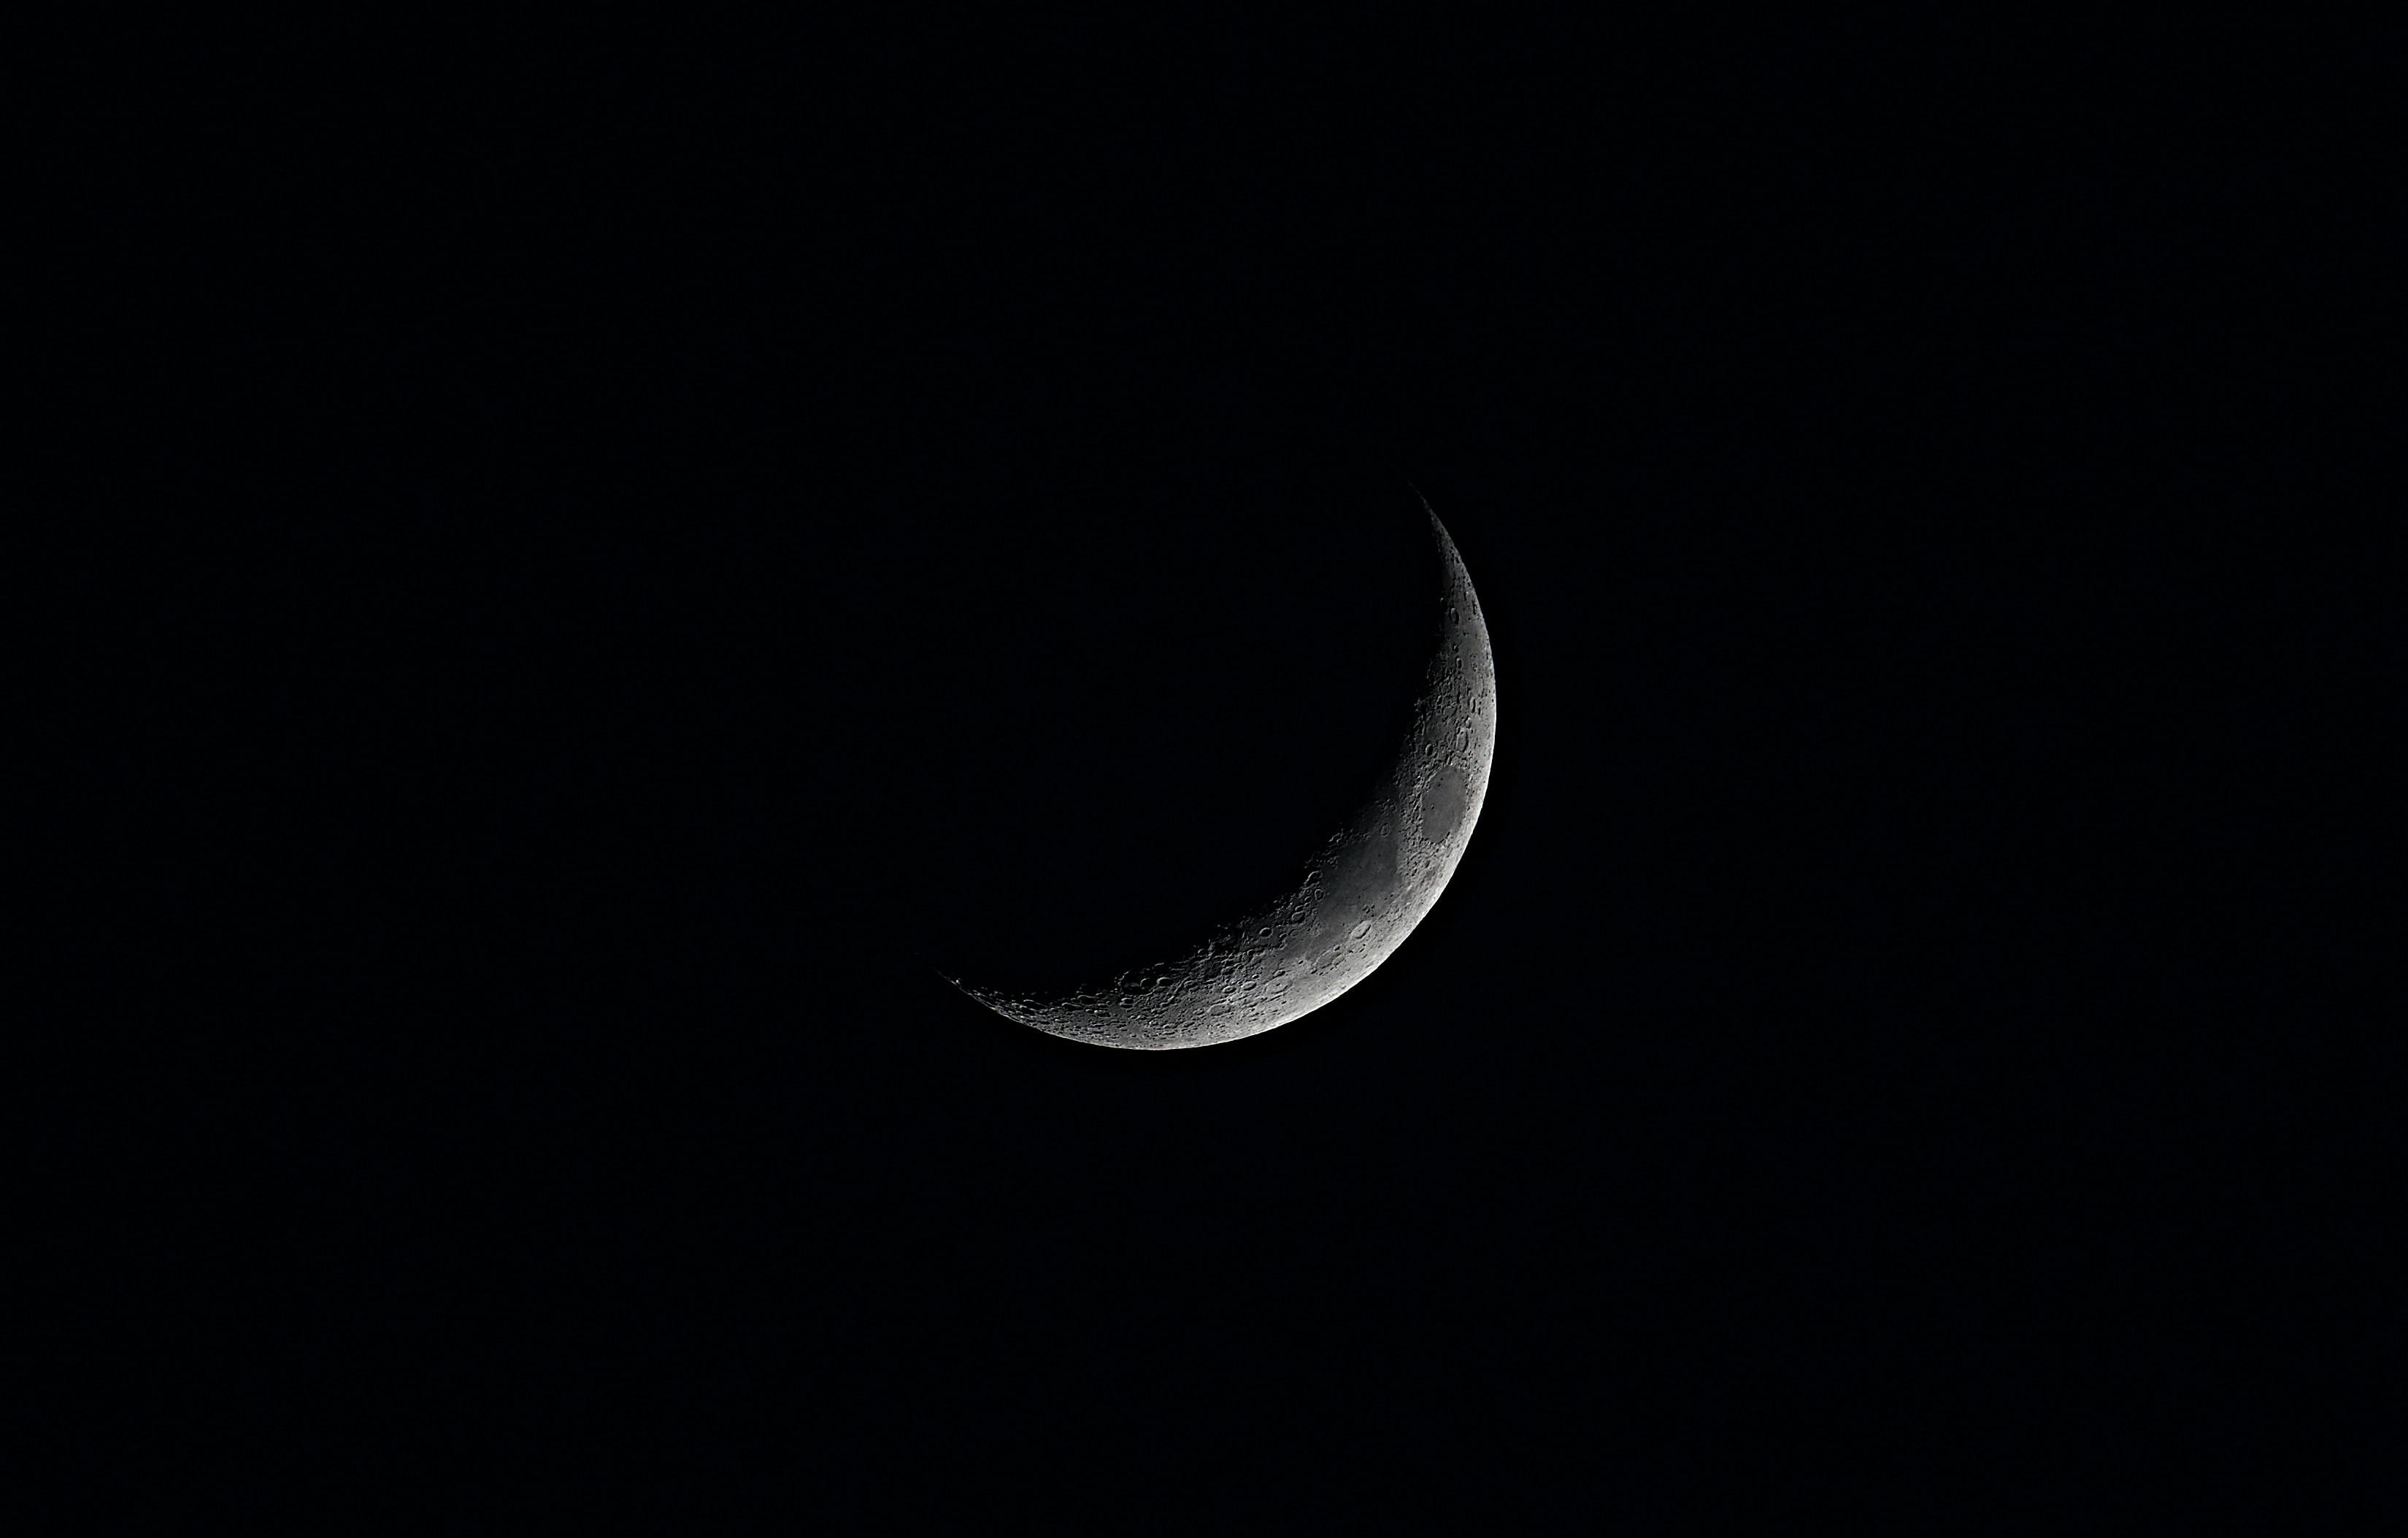 81933 скачать Черные обои на телефон бесплатно, Небо, Ночь, Луна, Черный, Тень Черные картинки и заставки на мобильный